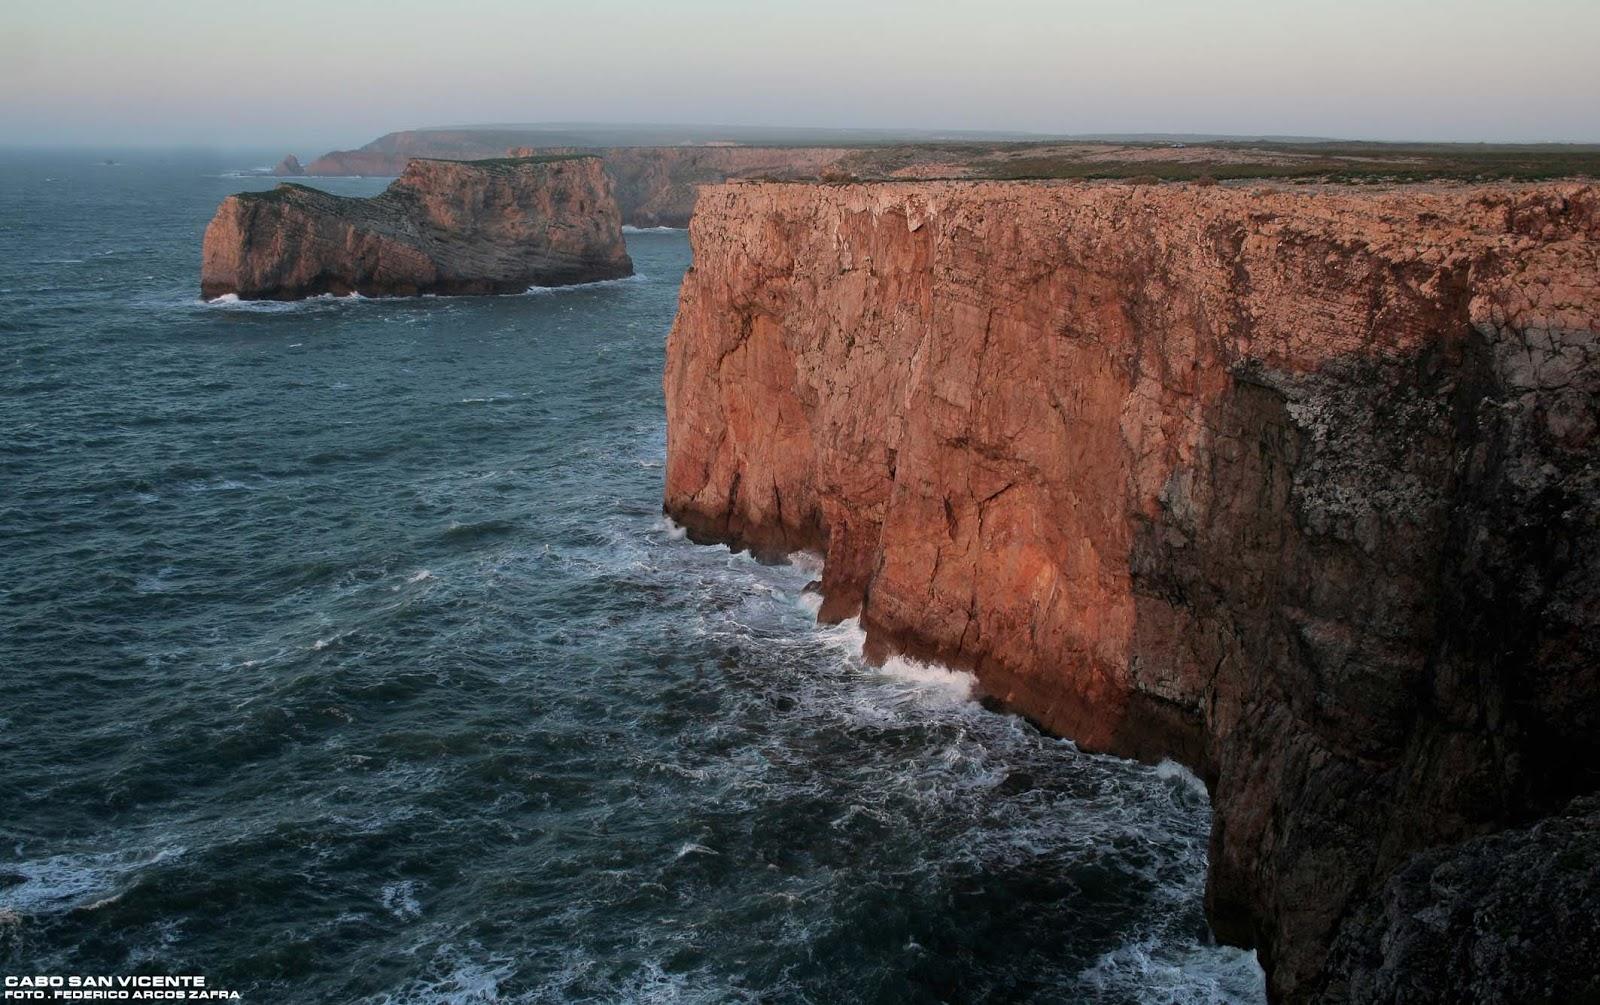 Regi n fronteriza acantilados cabo san vicente portugal - Cabo san vicente portugal ...